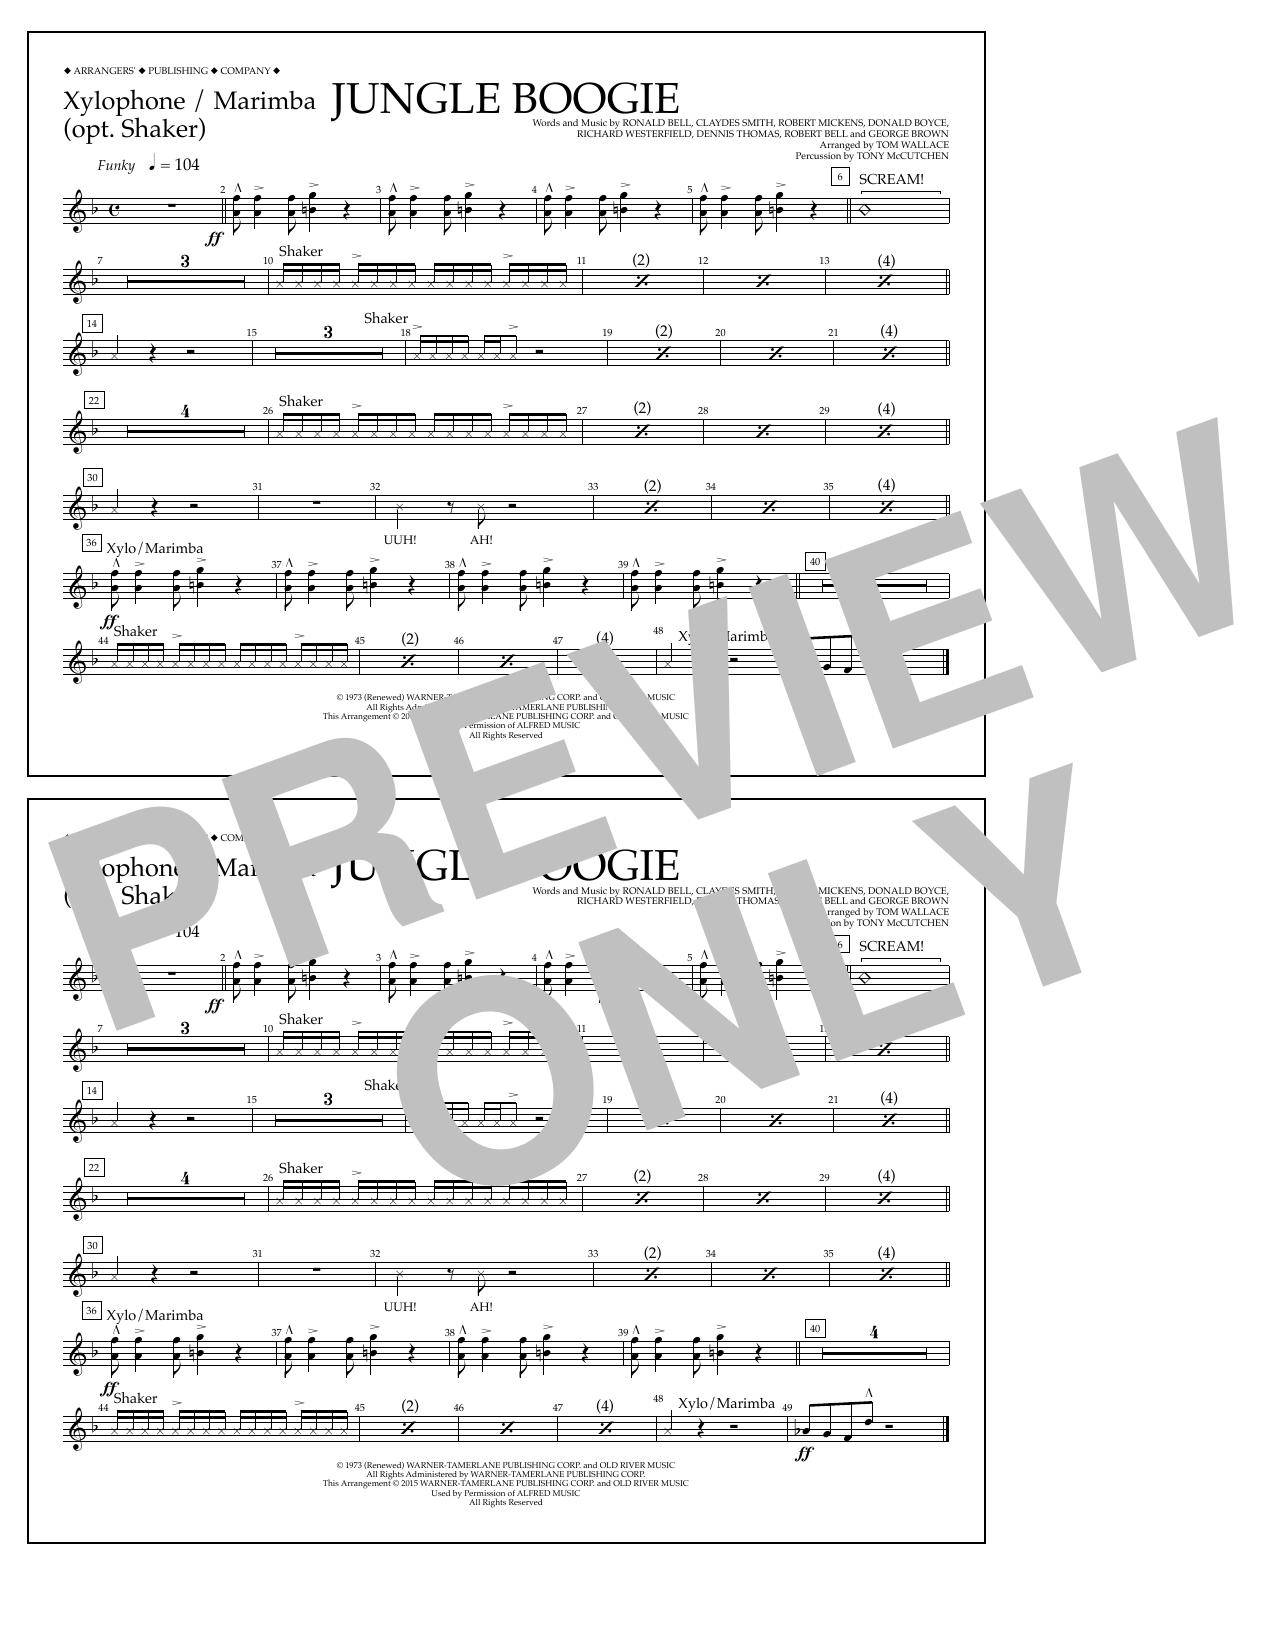 Kool & The Gang - Jungle Boogie - Xylophone/Marimba